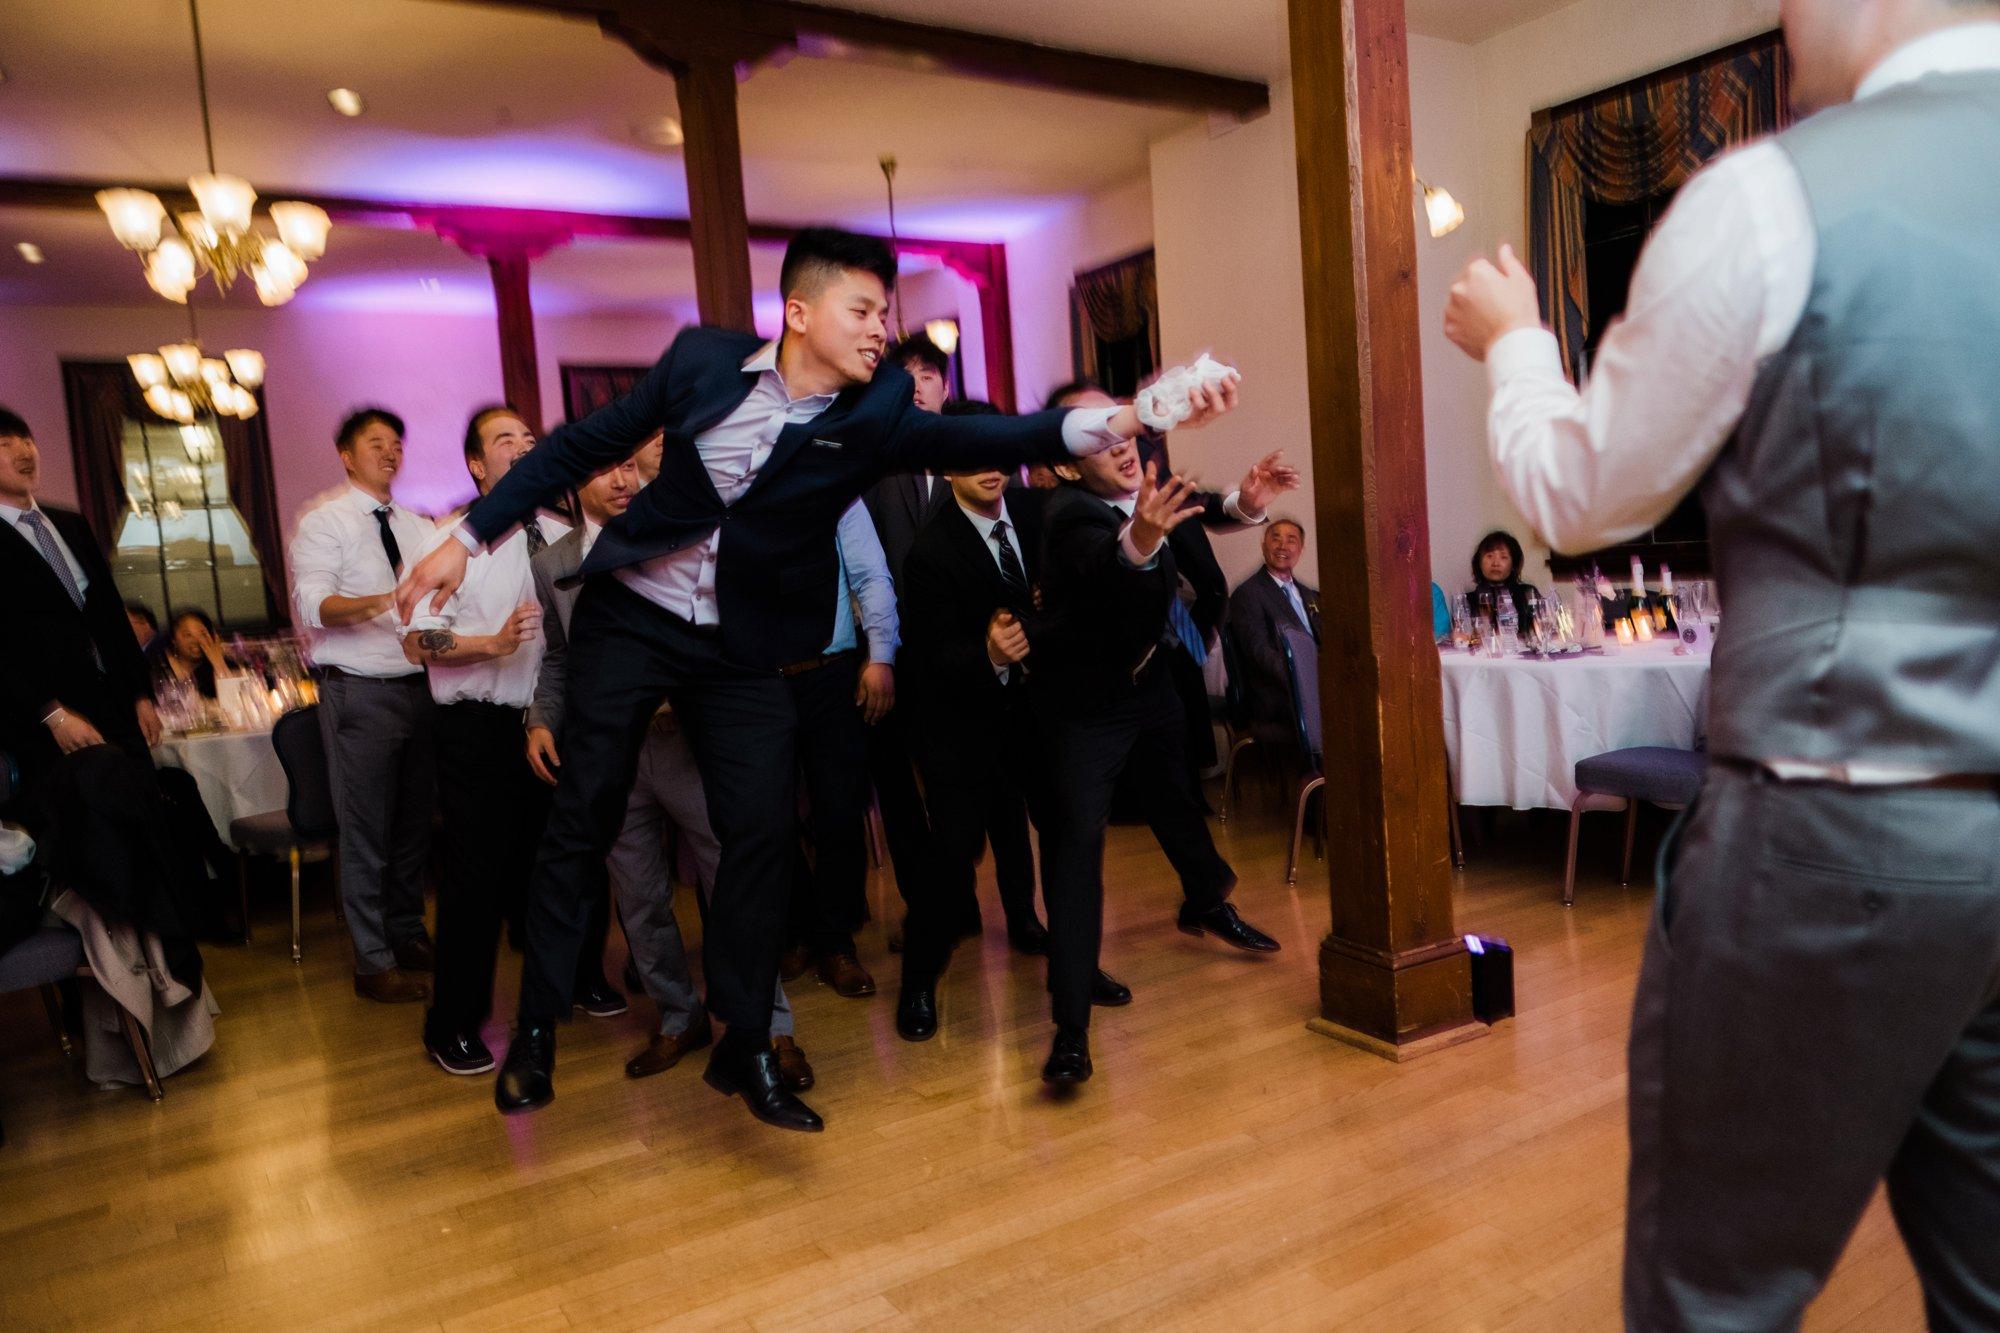 fairfax-dc-wedding-old-city-hall_0169.jpg